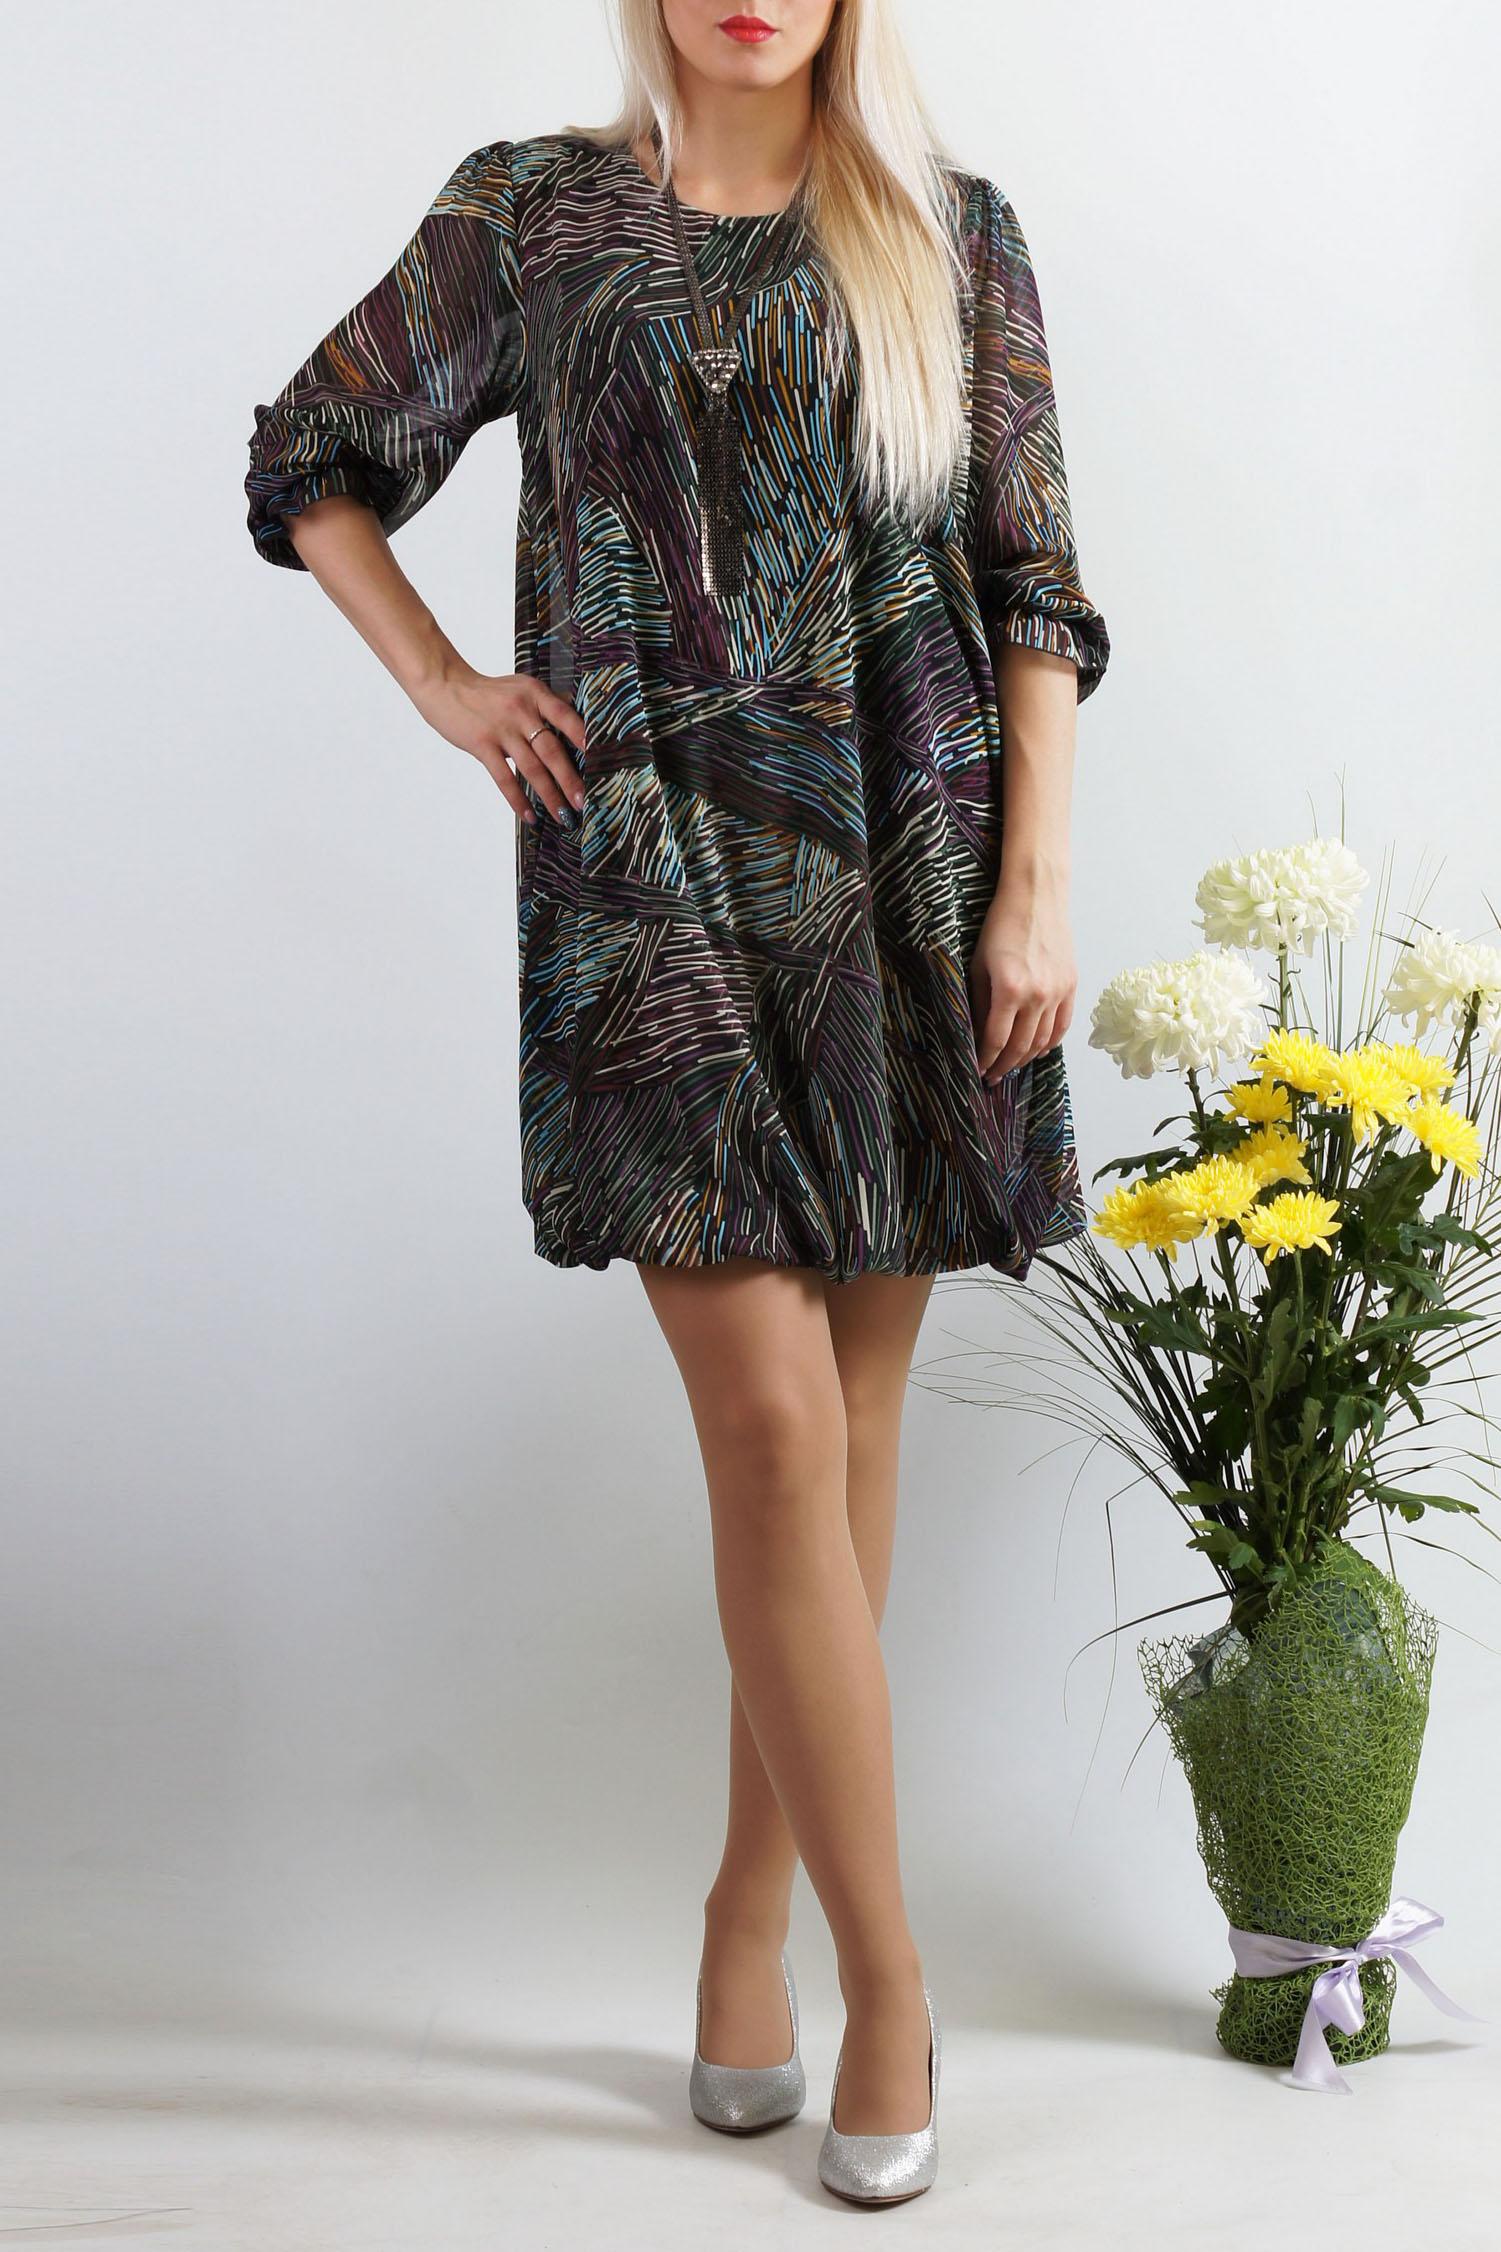 ПлатьеПлатья<br>Это эффектное платье-баллон из легкой шифоновой ткани придется по вкусу многим юным девушкам и молодым женщинам. Его короткая длина открывает к всеобщему обозрению красивые и стройные ножки обладательницы платья, а удачный крой модели поможет скрыть возможные недостатки в верхней части женской фигуры. Достаточно подчеркнуть линию талии оригинальным тонким пояском – и шикарный вечерний наряд готов  Верх платья-баллон из шифона, который закладывается в воздушные складки, а внутренняя часть подобрана в тон верха и выполнена из трикотажа «холодное масло», которое скользит по телу и не сковывает движения . Рукав втачной, длиной 3/4, без подклада, с небольшой сборкой по окату, низ рукава собран на тонкую резинку и формирует кокетливую рюшечку – поэтому длину рукава можно регулировать.  Платье без пояса.  Длина изделия: 46-48 размеры - около 87,0 см; 50-52 размеры – около 97,0 см; 54-56 размеры – около 99,0 см.  В изделии использованы цвета: черный и др.  Параметры размеров: 42 размер - обхват груди 84 см., обхват талии 64 см., обхват бедер 92 см. 44 размер - обхват груди 88 см., обхват талии 68 см., обхват бедер 96 см. 46 размер - обхват груди 92 см., обхват талии 72 см., обхват бедер 100 см. 48 размер - обхват груди 96 см., обхват талии 76 см., обхват бедер 104 см. 50 размер - обхват груди 100 см., обхват талии 80 см., обхват бедер 108 см. 52 размер - обхват груди 104 см., обхват талии 85 см., обхват бедер 112 см. 54 размер - обхват груди 108 см., обхват талии 89 см., обхват бедер 116 см. 56 размер - обхват груди 112 см., обхват талии 94 см., обхват бедер 120 см. 58 размер - обхват груди 116 см., обхват талии 100 см., обхват бедер 124 см.  Ростовка изделия 167-173 см.<br><br>Горловина: С- горловина<br>По длине: До колена<br>По материалу: Шифон<br>По рисунку: С принтом,Цветные<br>По сезону: Весна,Зима,Лето,Осень,Всесезон<br>По силуэту: Свободные<br>По стилю: Нарядный стиль<br>Рукав: Рукав три четверти<br>Размер : 48<br>Материал: Шифон<br>Количество в налич